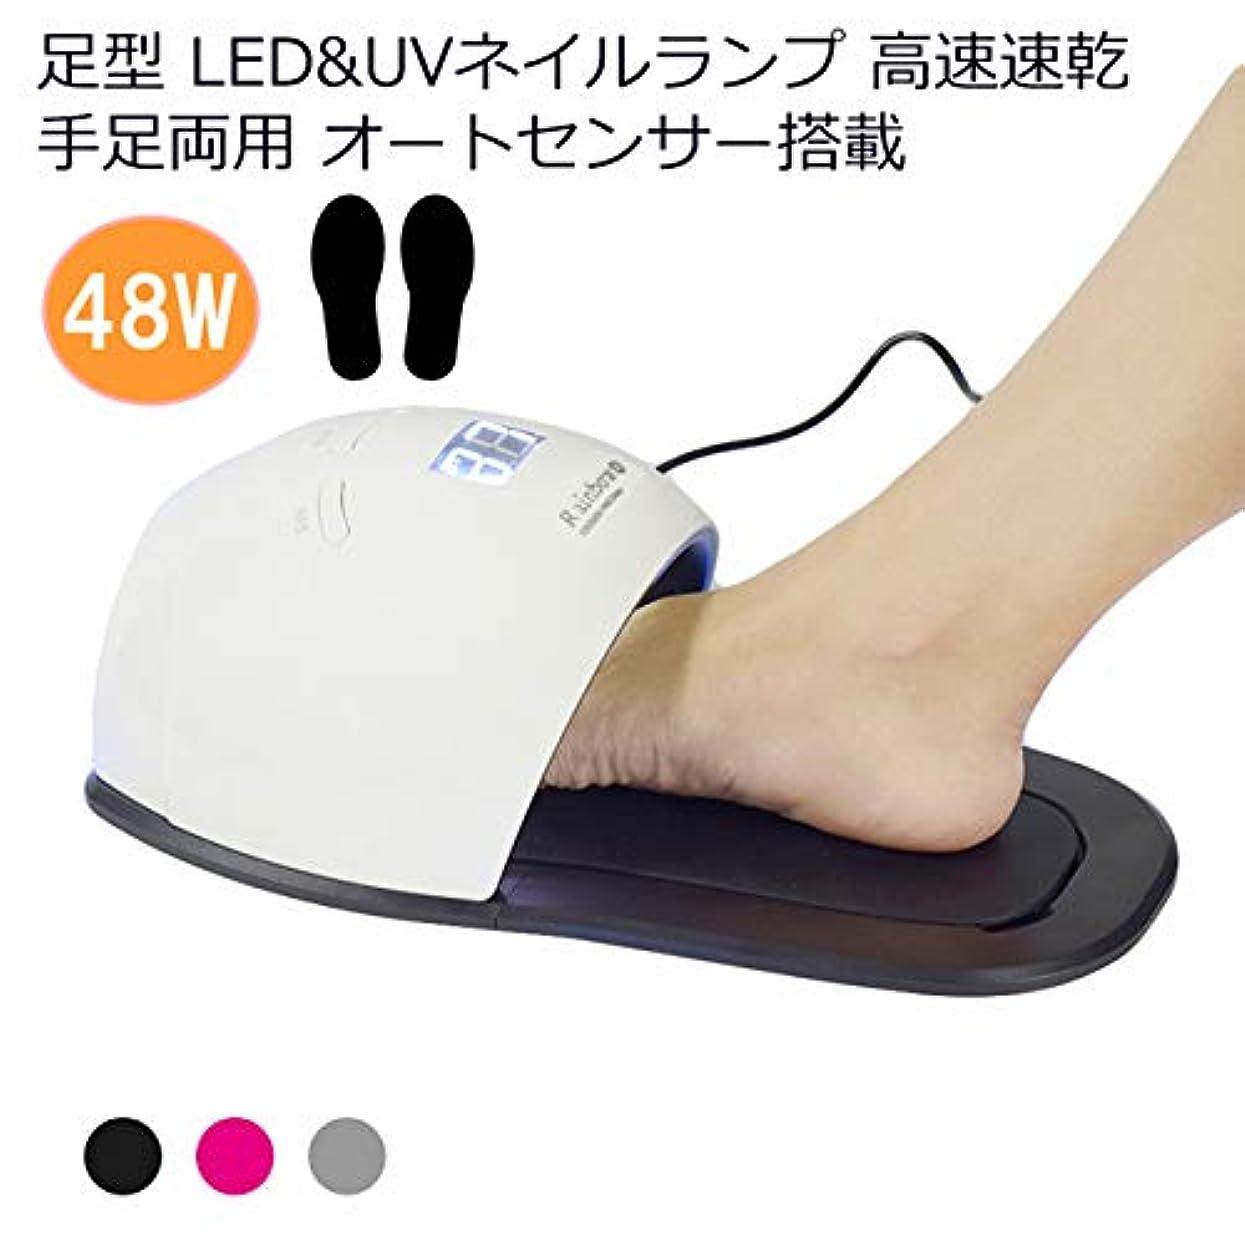 膿瘍ある一掃する足型 LED&UVネイルランプ 48W ジェルネイルドライヤー 硬化用 レジン 手足両用 人感センサー 高速速乾 プレゼント (ブラック)